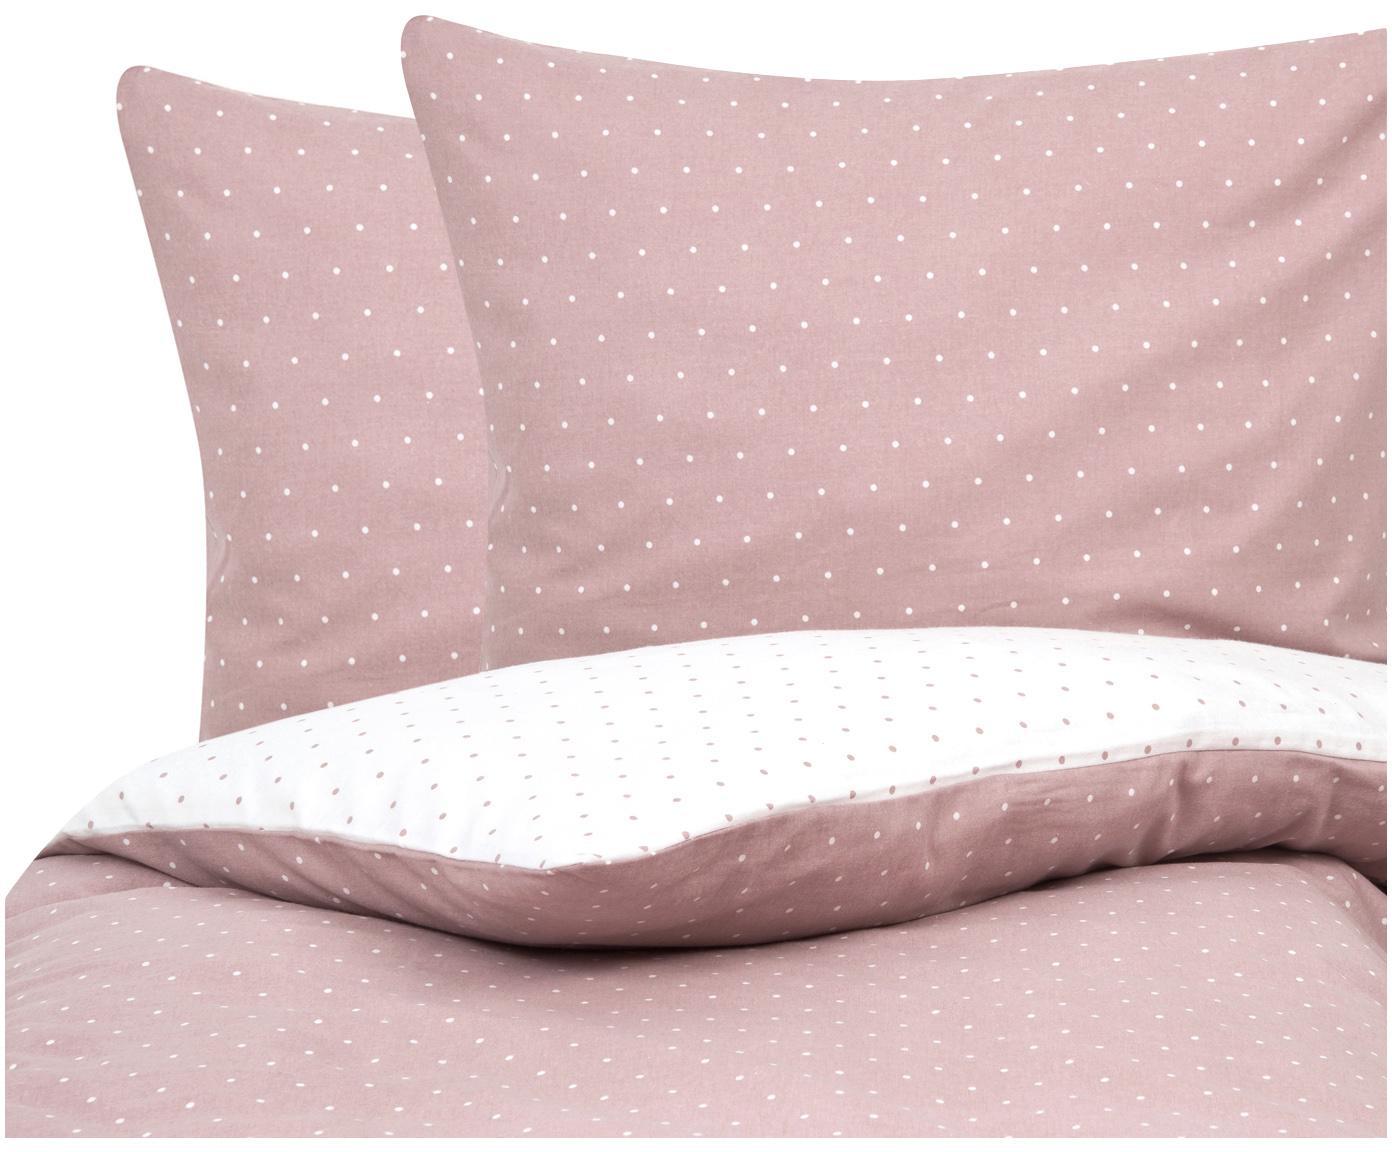 Flanell-Wendebettwäsche Betty, gepunktet, Webart: Flanell Flanell ist ein s, Altrosa, Weiß, 200 x 200 cm + 2 Kissen 80 x 80 cm